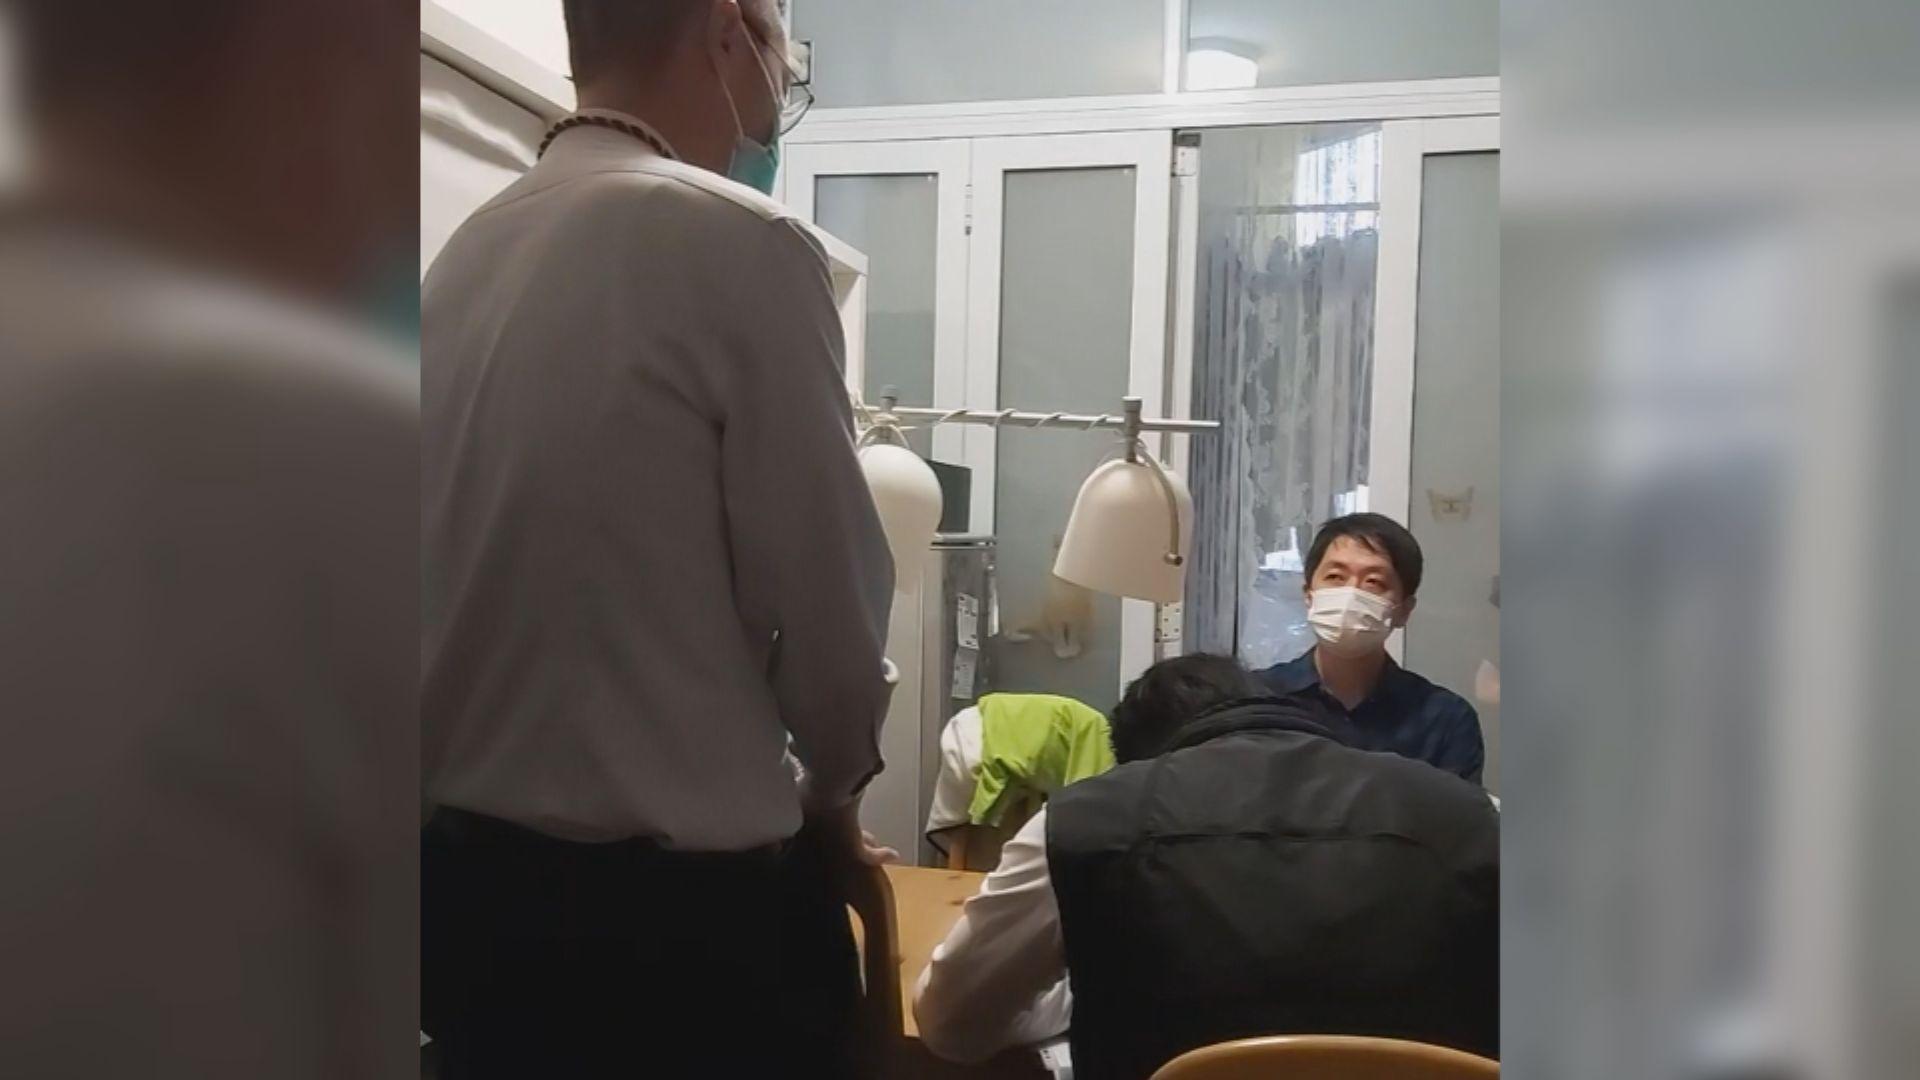 朱凱廸、陳志全及許智峯擲臭水被捕 涉違特權法及侵害人身罪